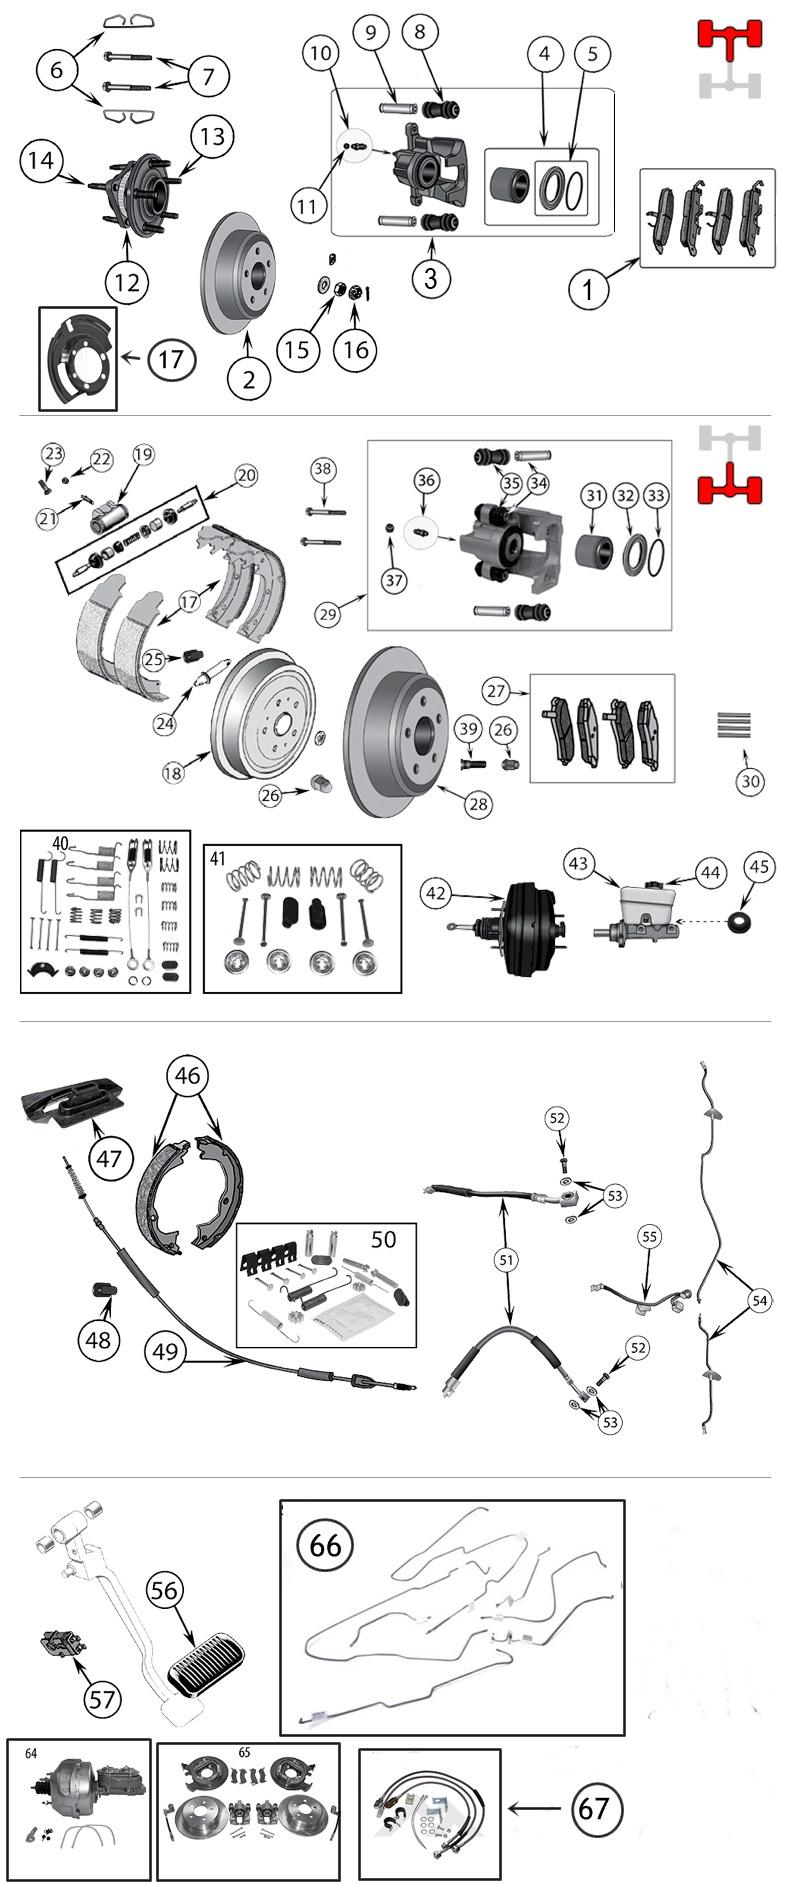 bremsenteile f r jeep wrangler tj. Black Bedroom Furniture Sets. Home Design Ideas